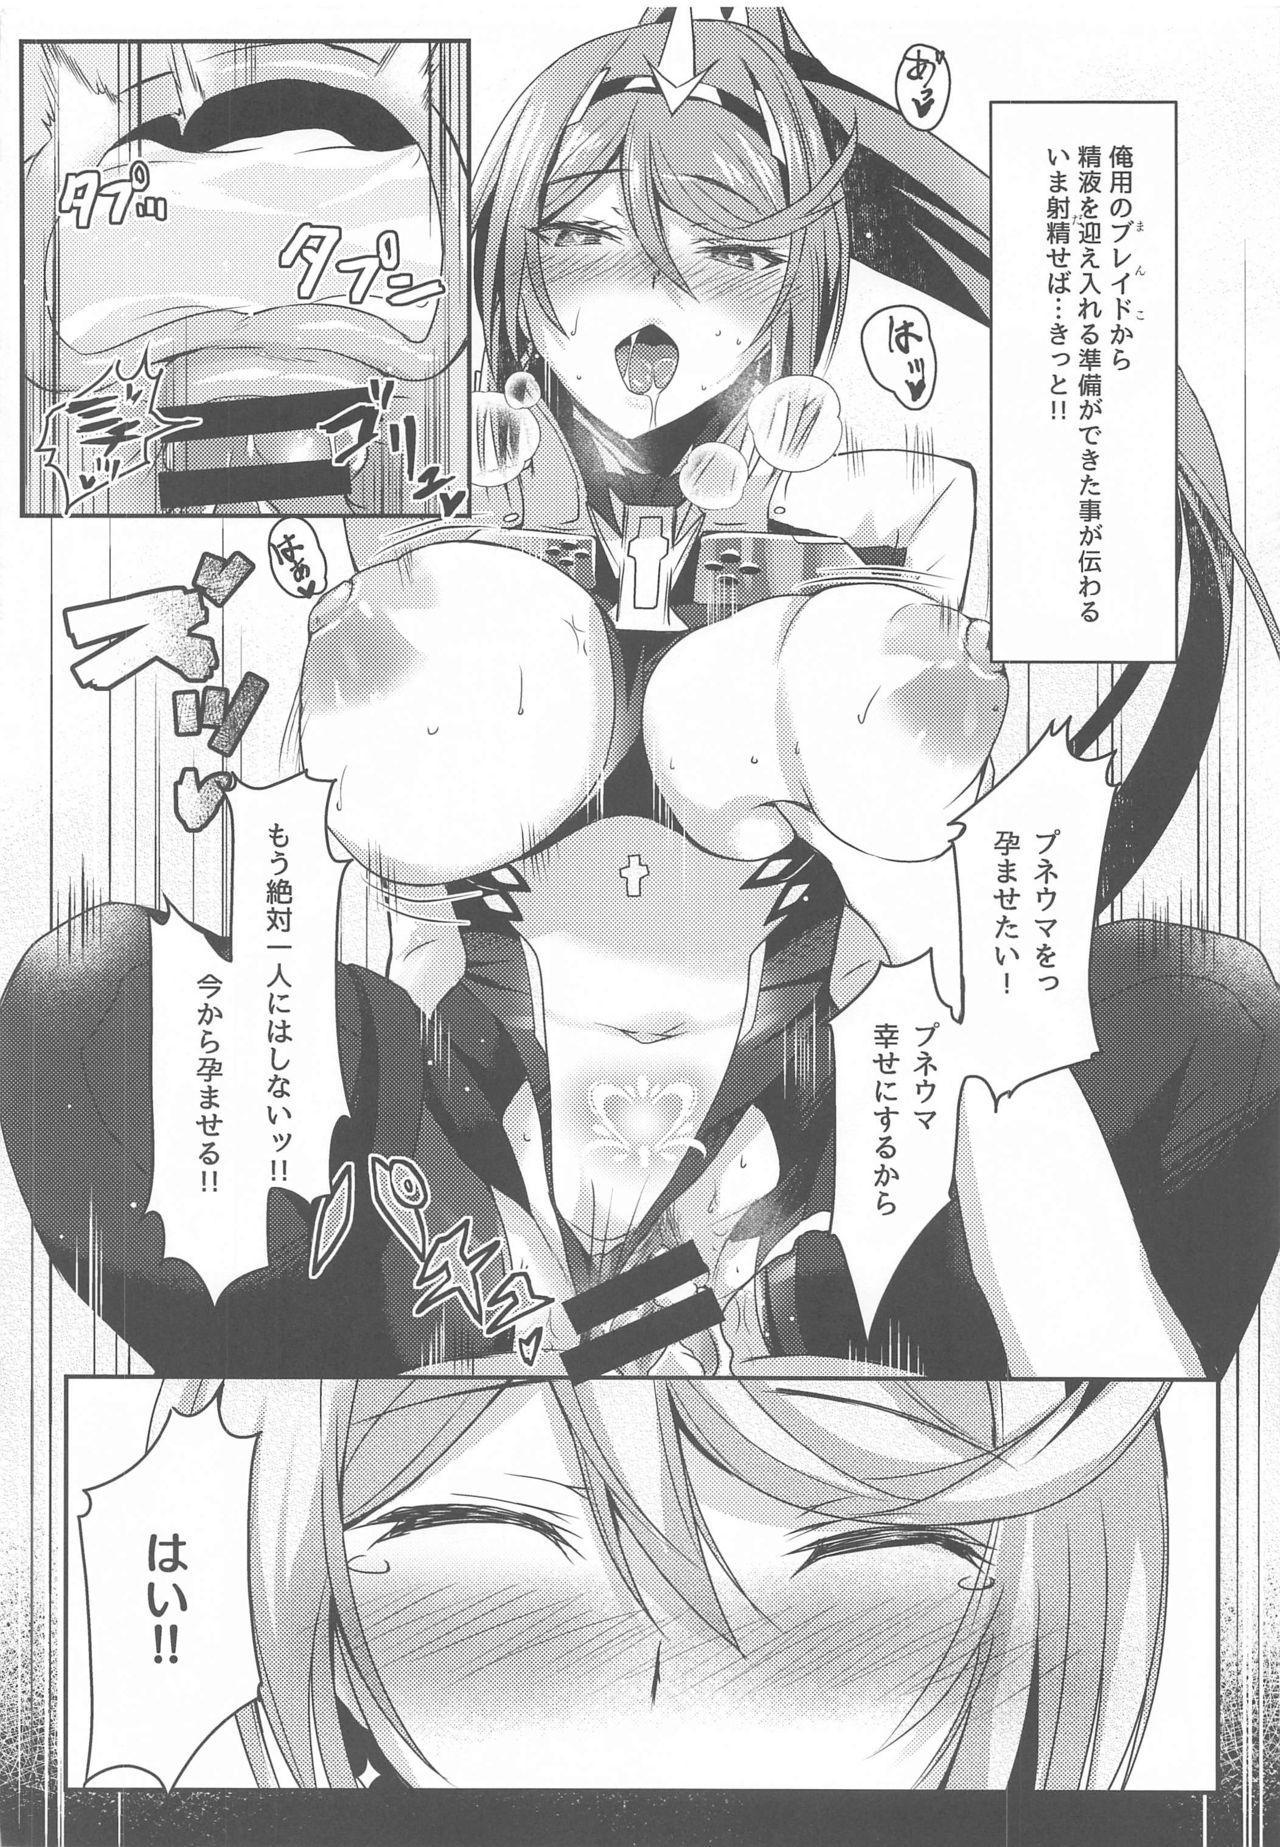 Pneuma-chan no Ecchi Hon 22